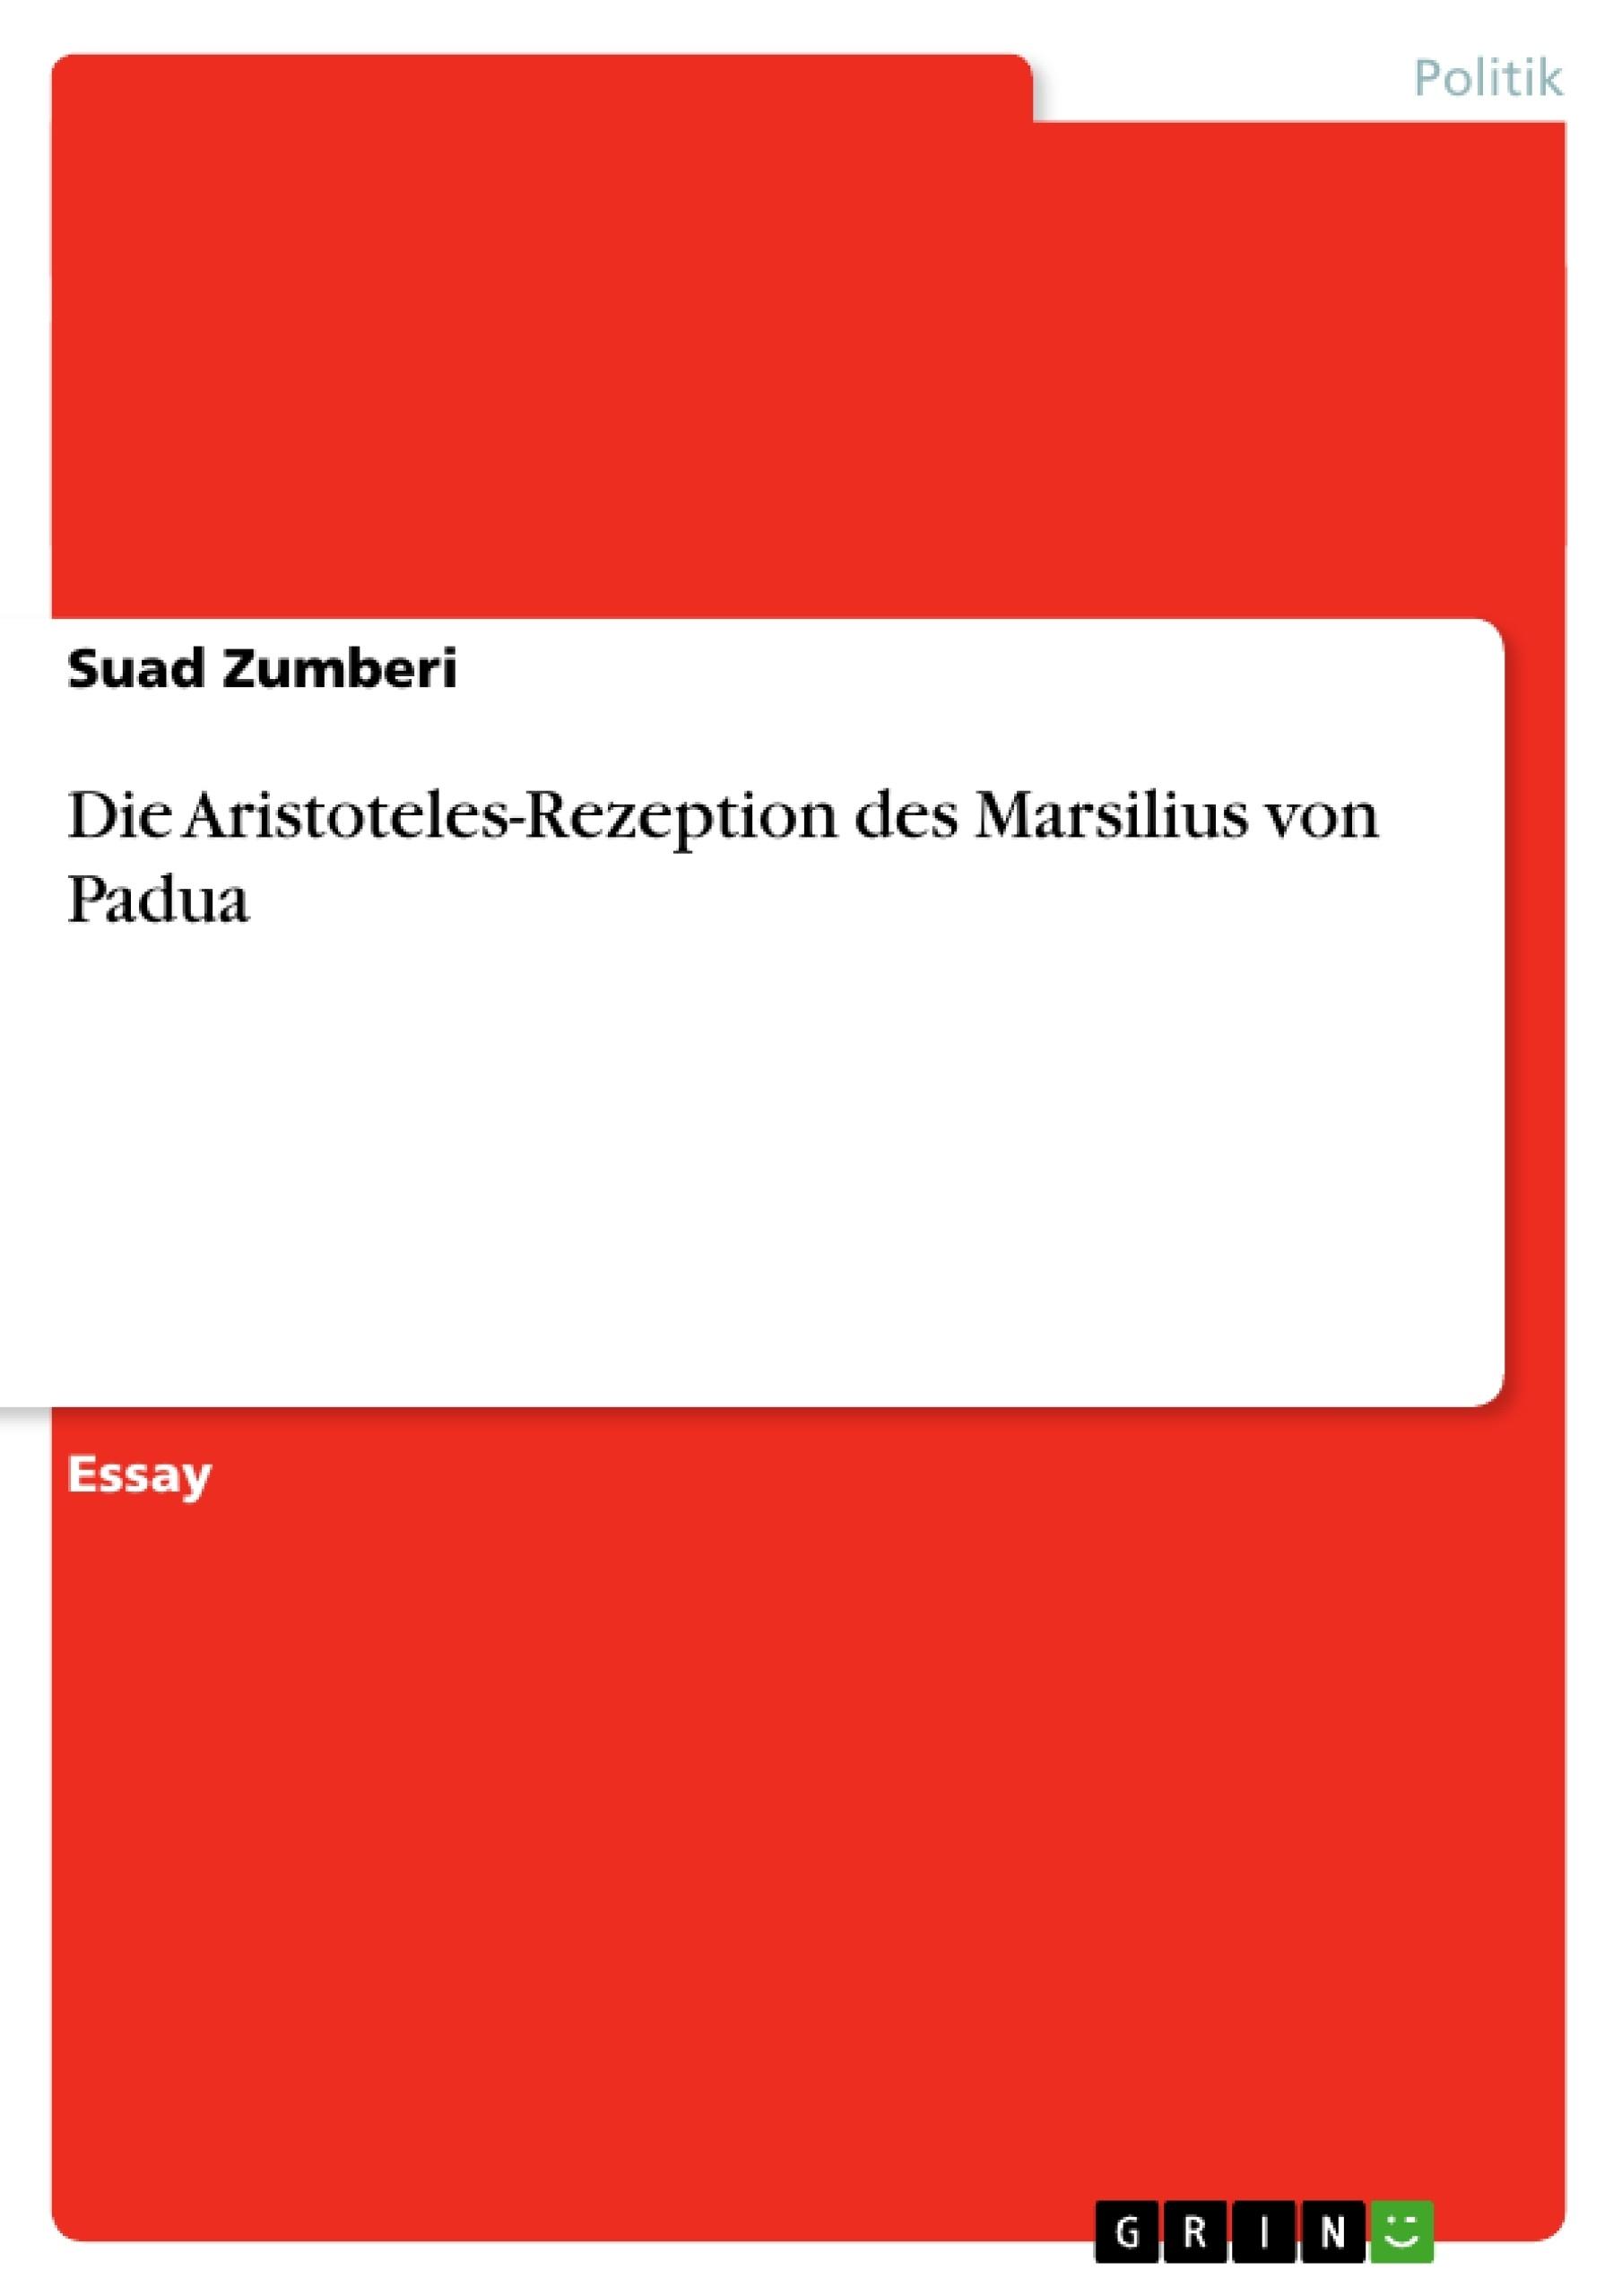 Titel: Die Aristoteles-Rezeption des Marsilius von Padua